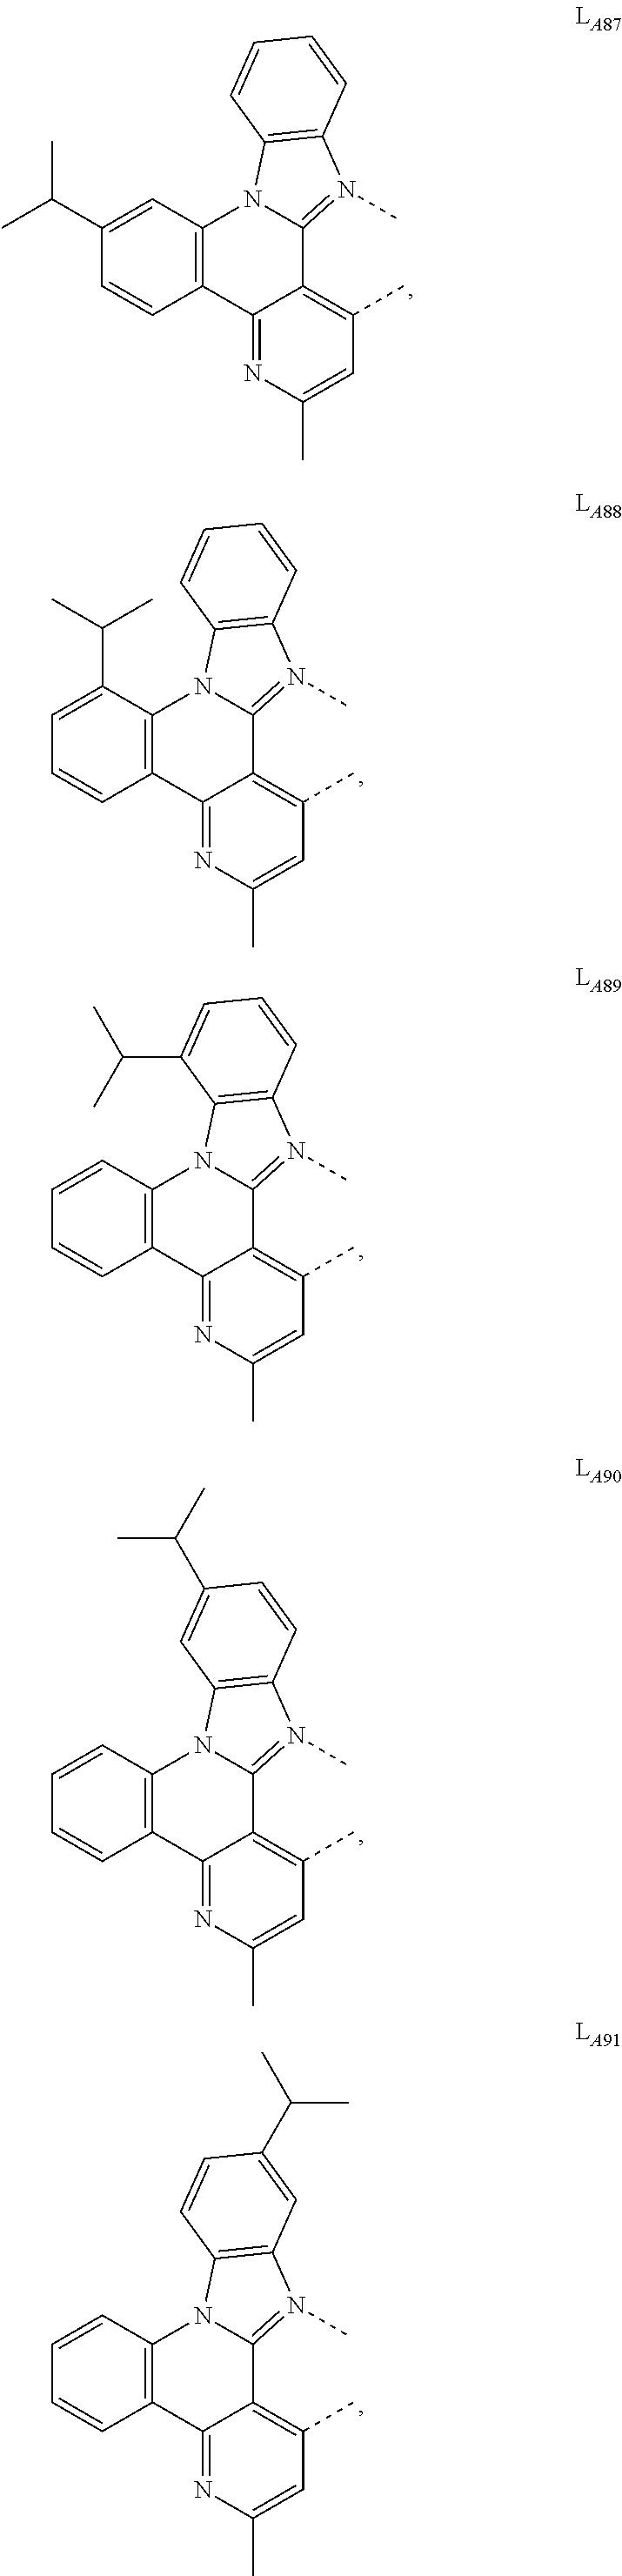 Figure US09905785-20180227-C00443